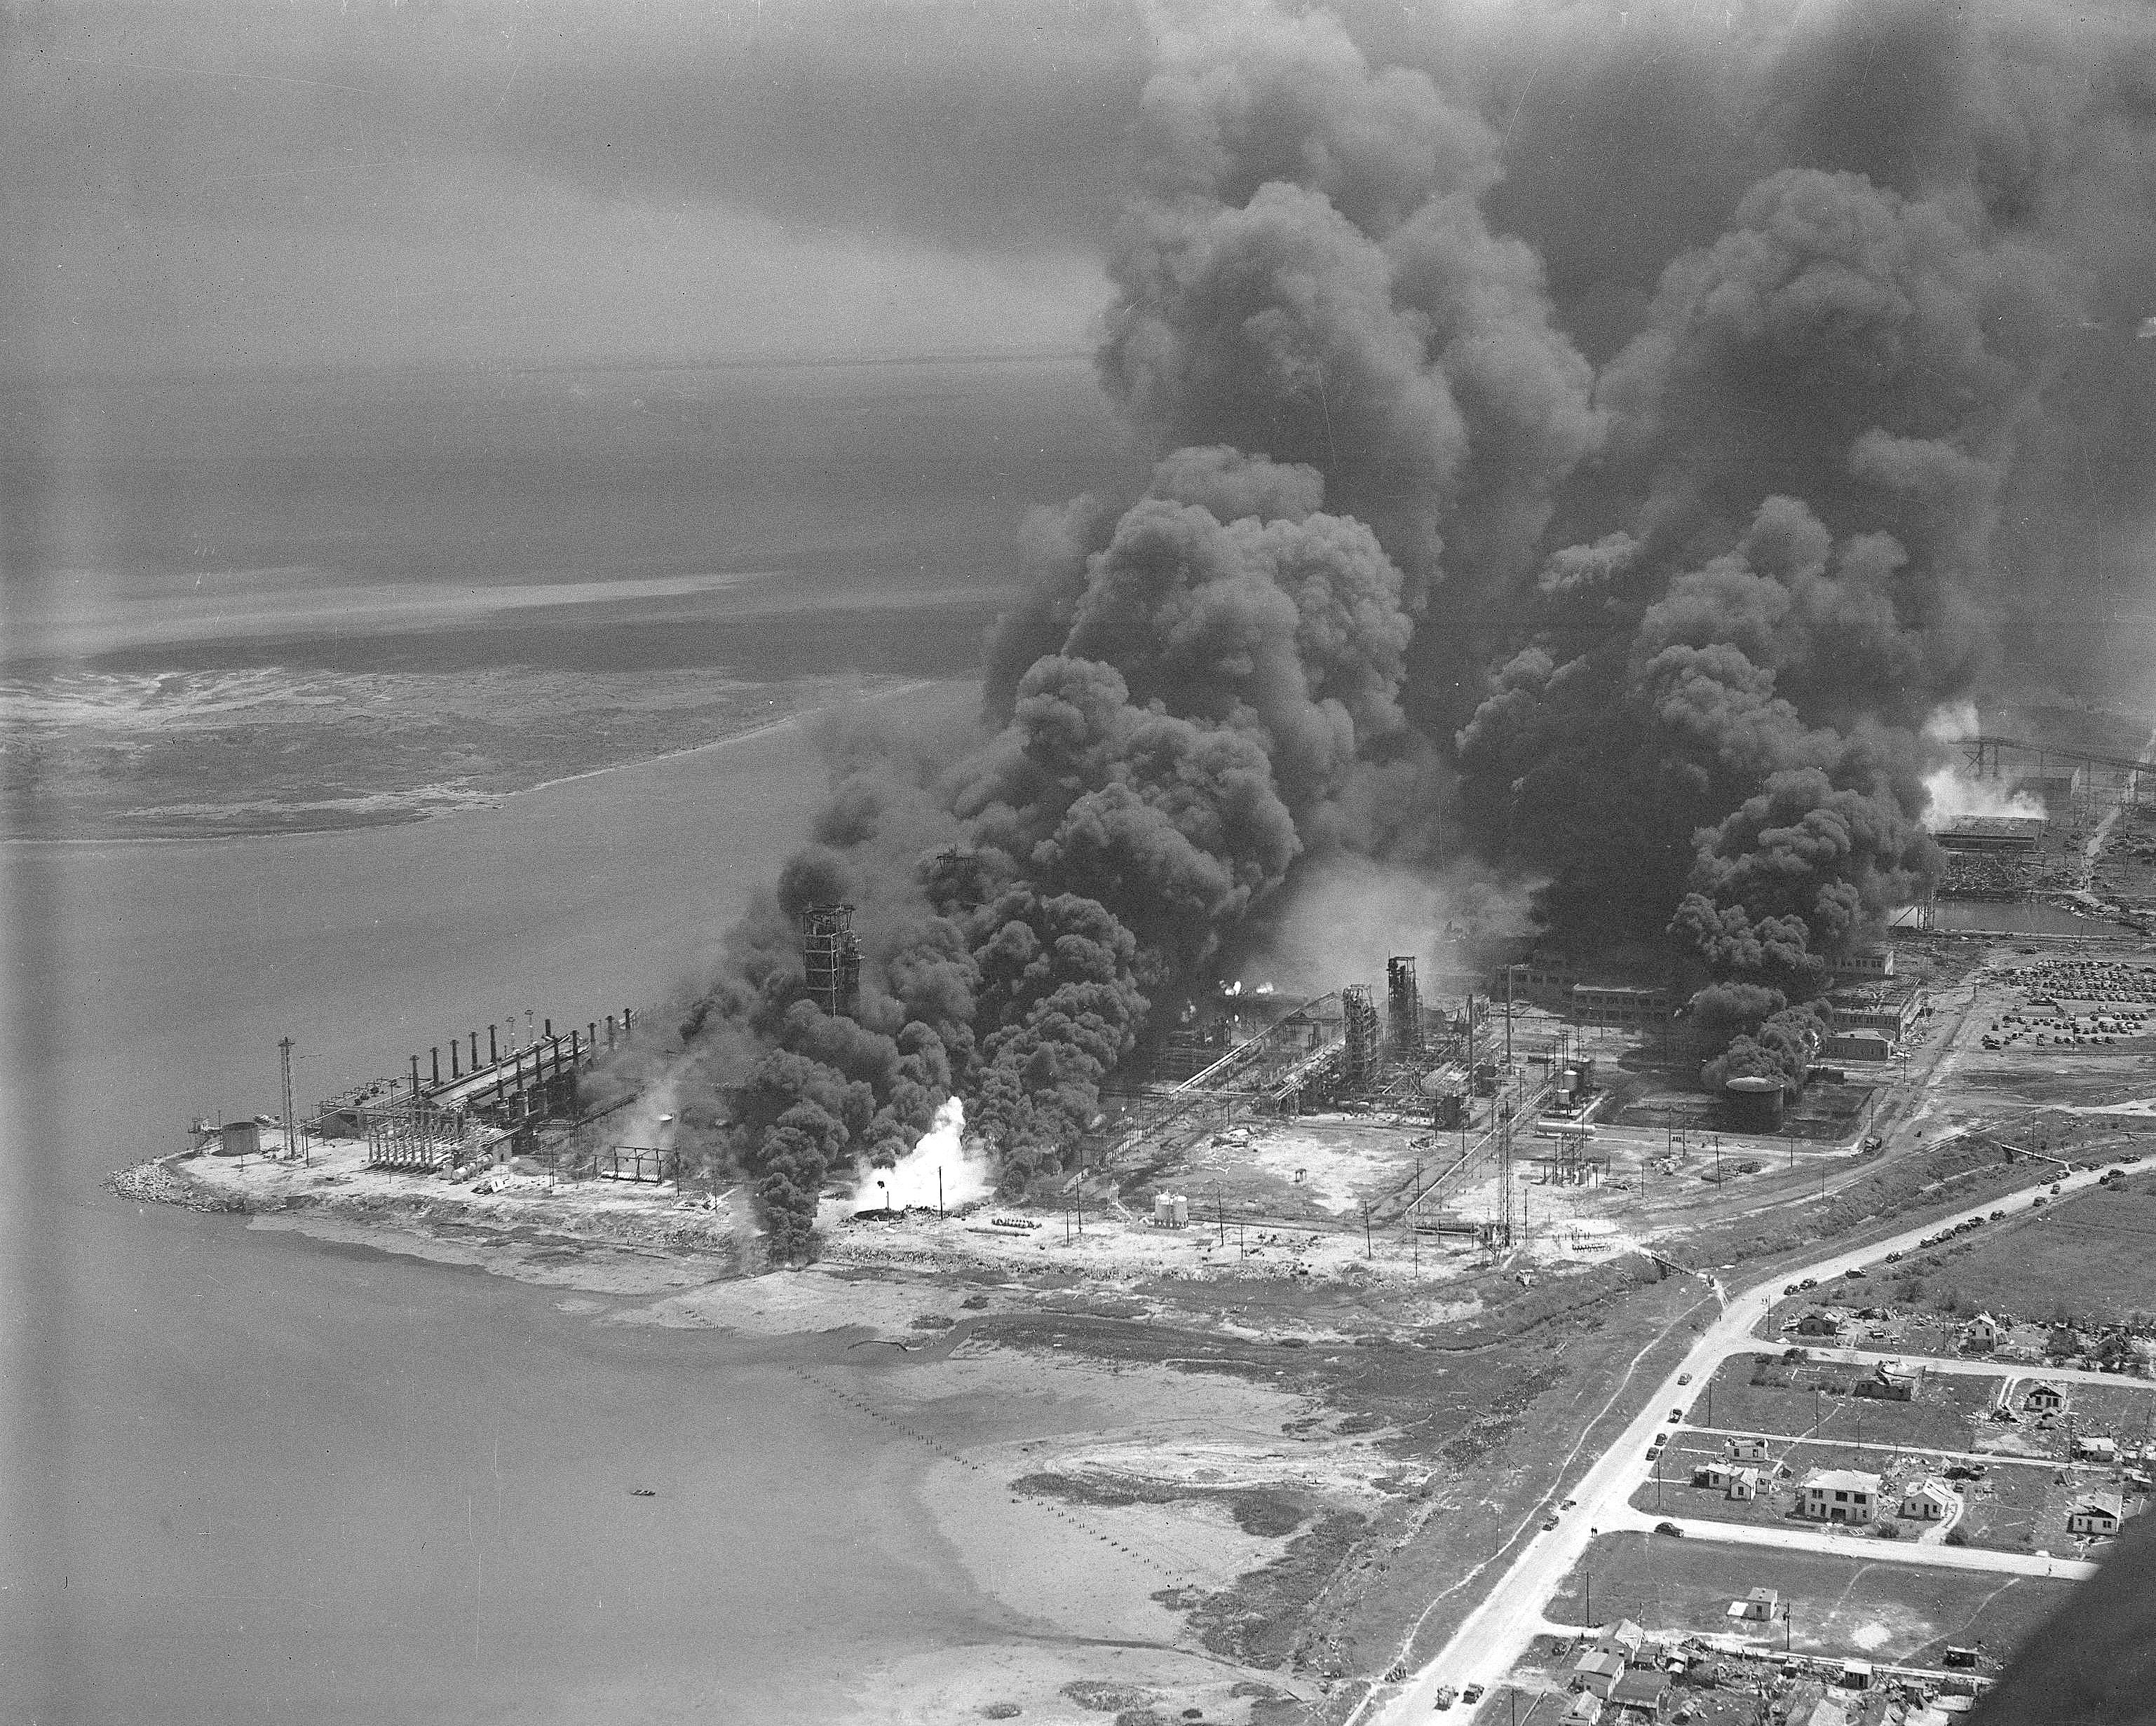 德克薩斯城港口貨船爆炸起火,濃煙密佈。美聯社